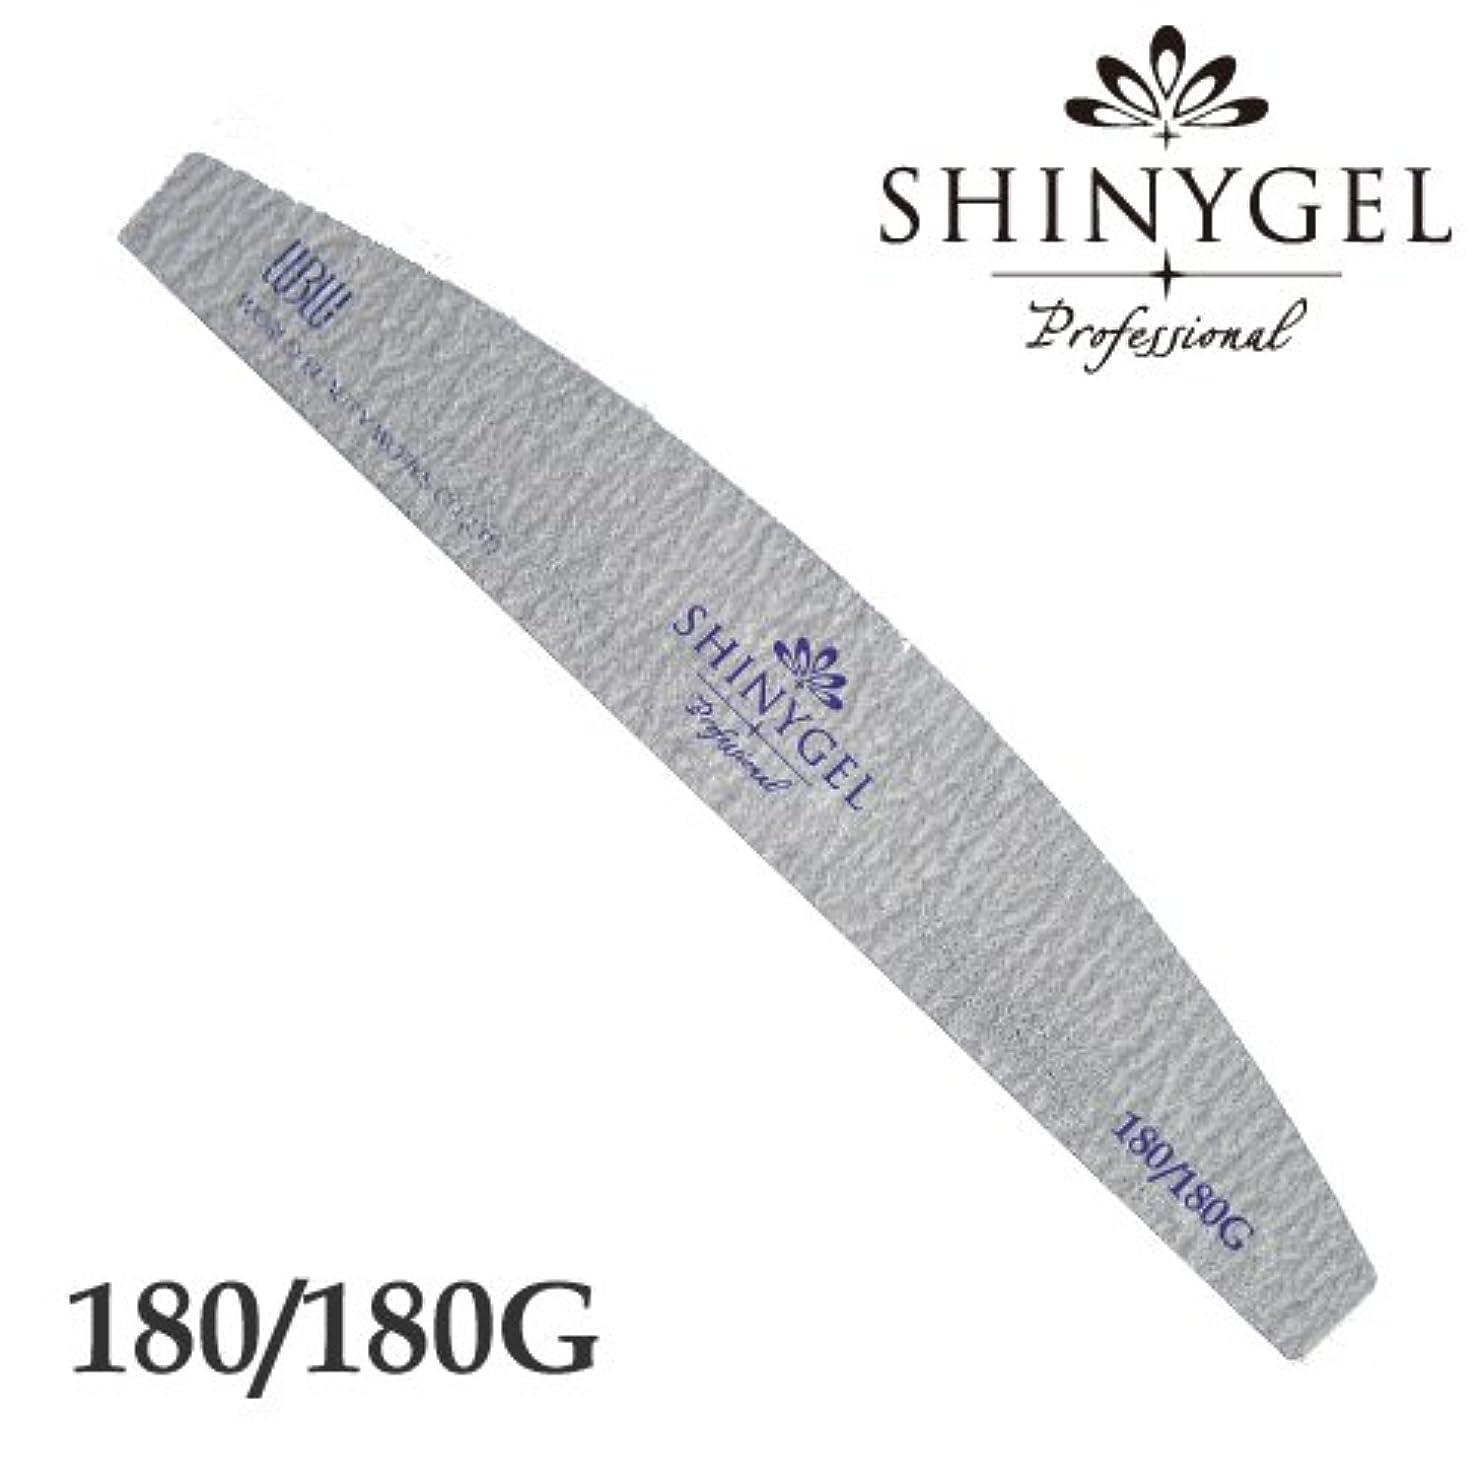 枠パーツ更新SHINYGEL Professional シャイニージェルプロフェッショナル ゼブラファイル ホワイト(アーチ型) 180/180G ジェルネイル 爪やすり